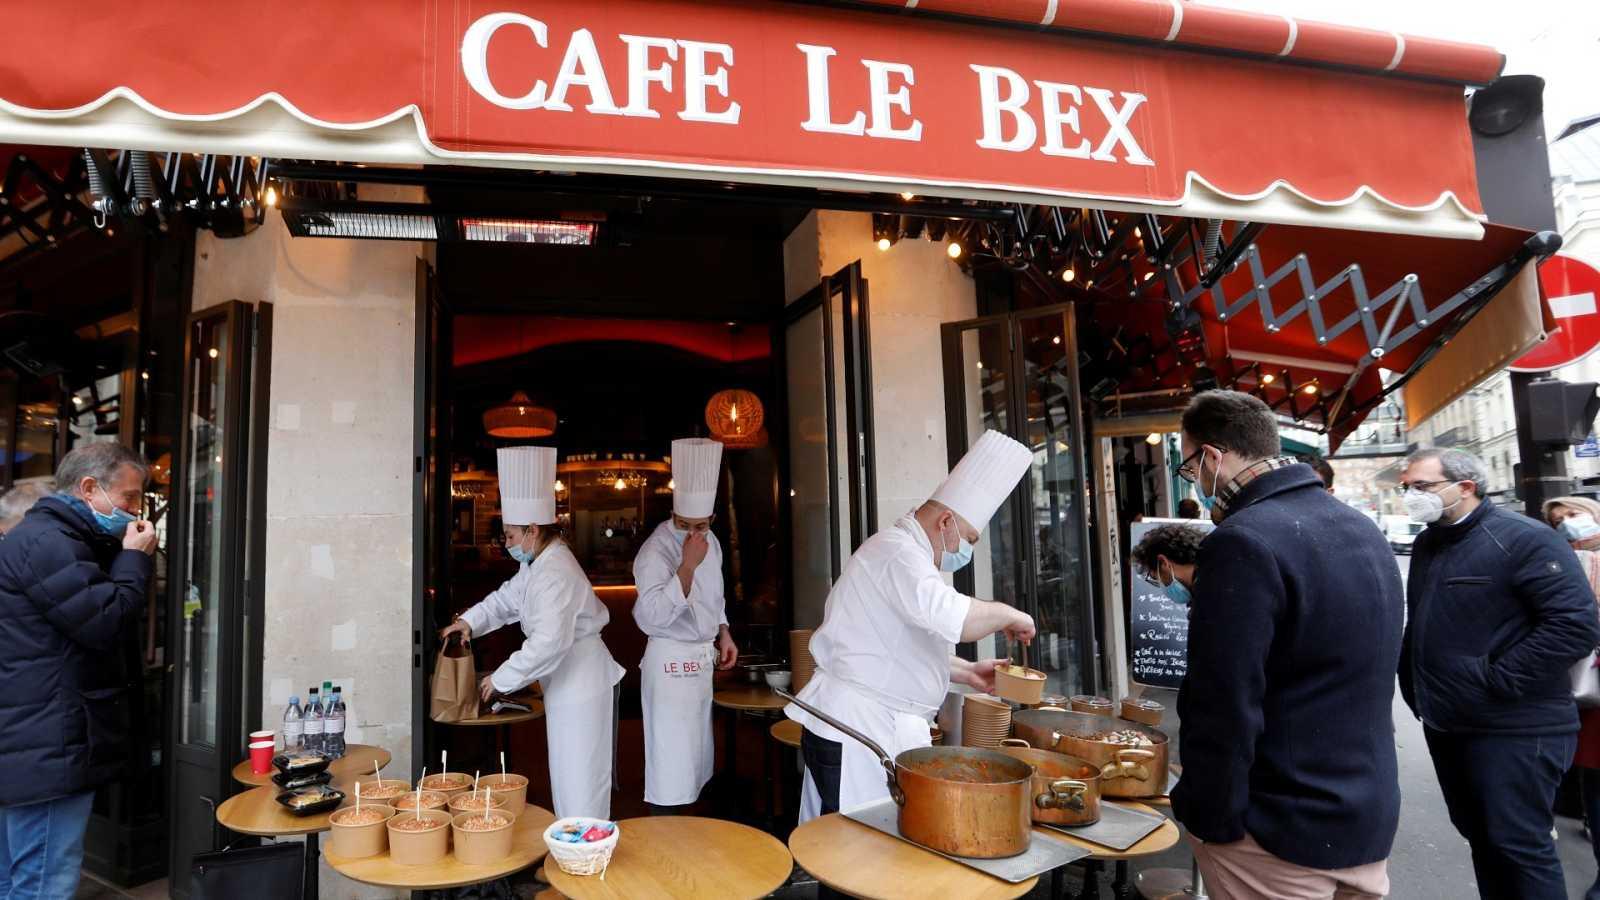 Un chef sirve comida en una calle de París